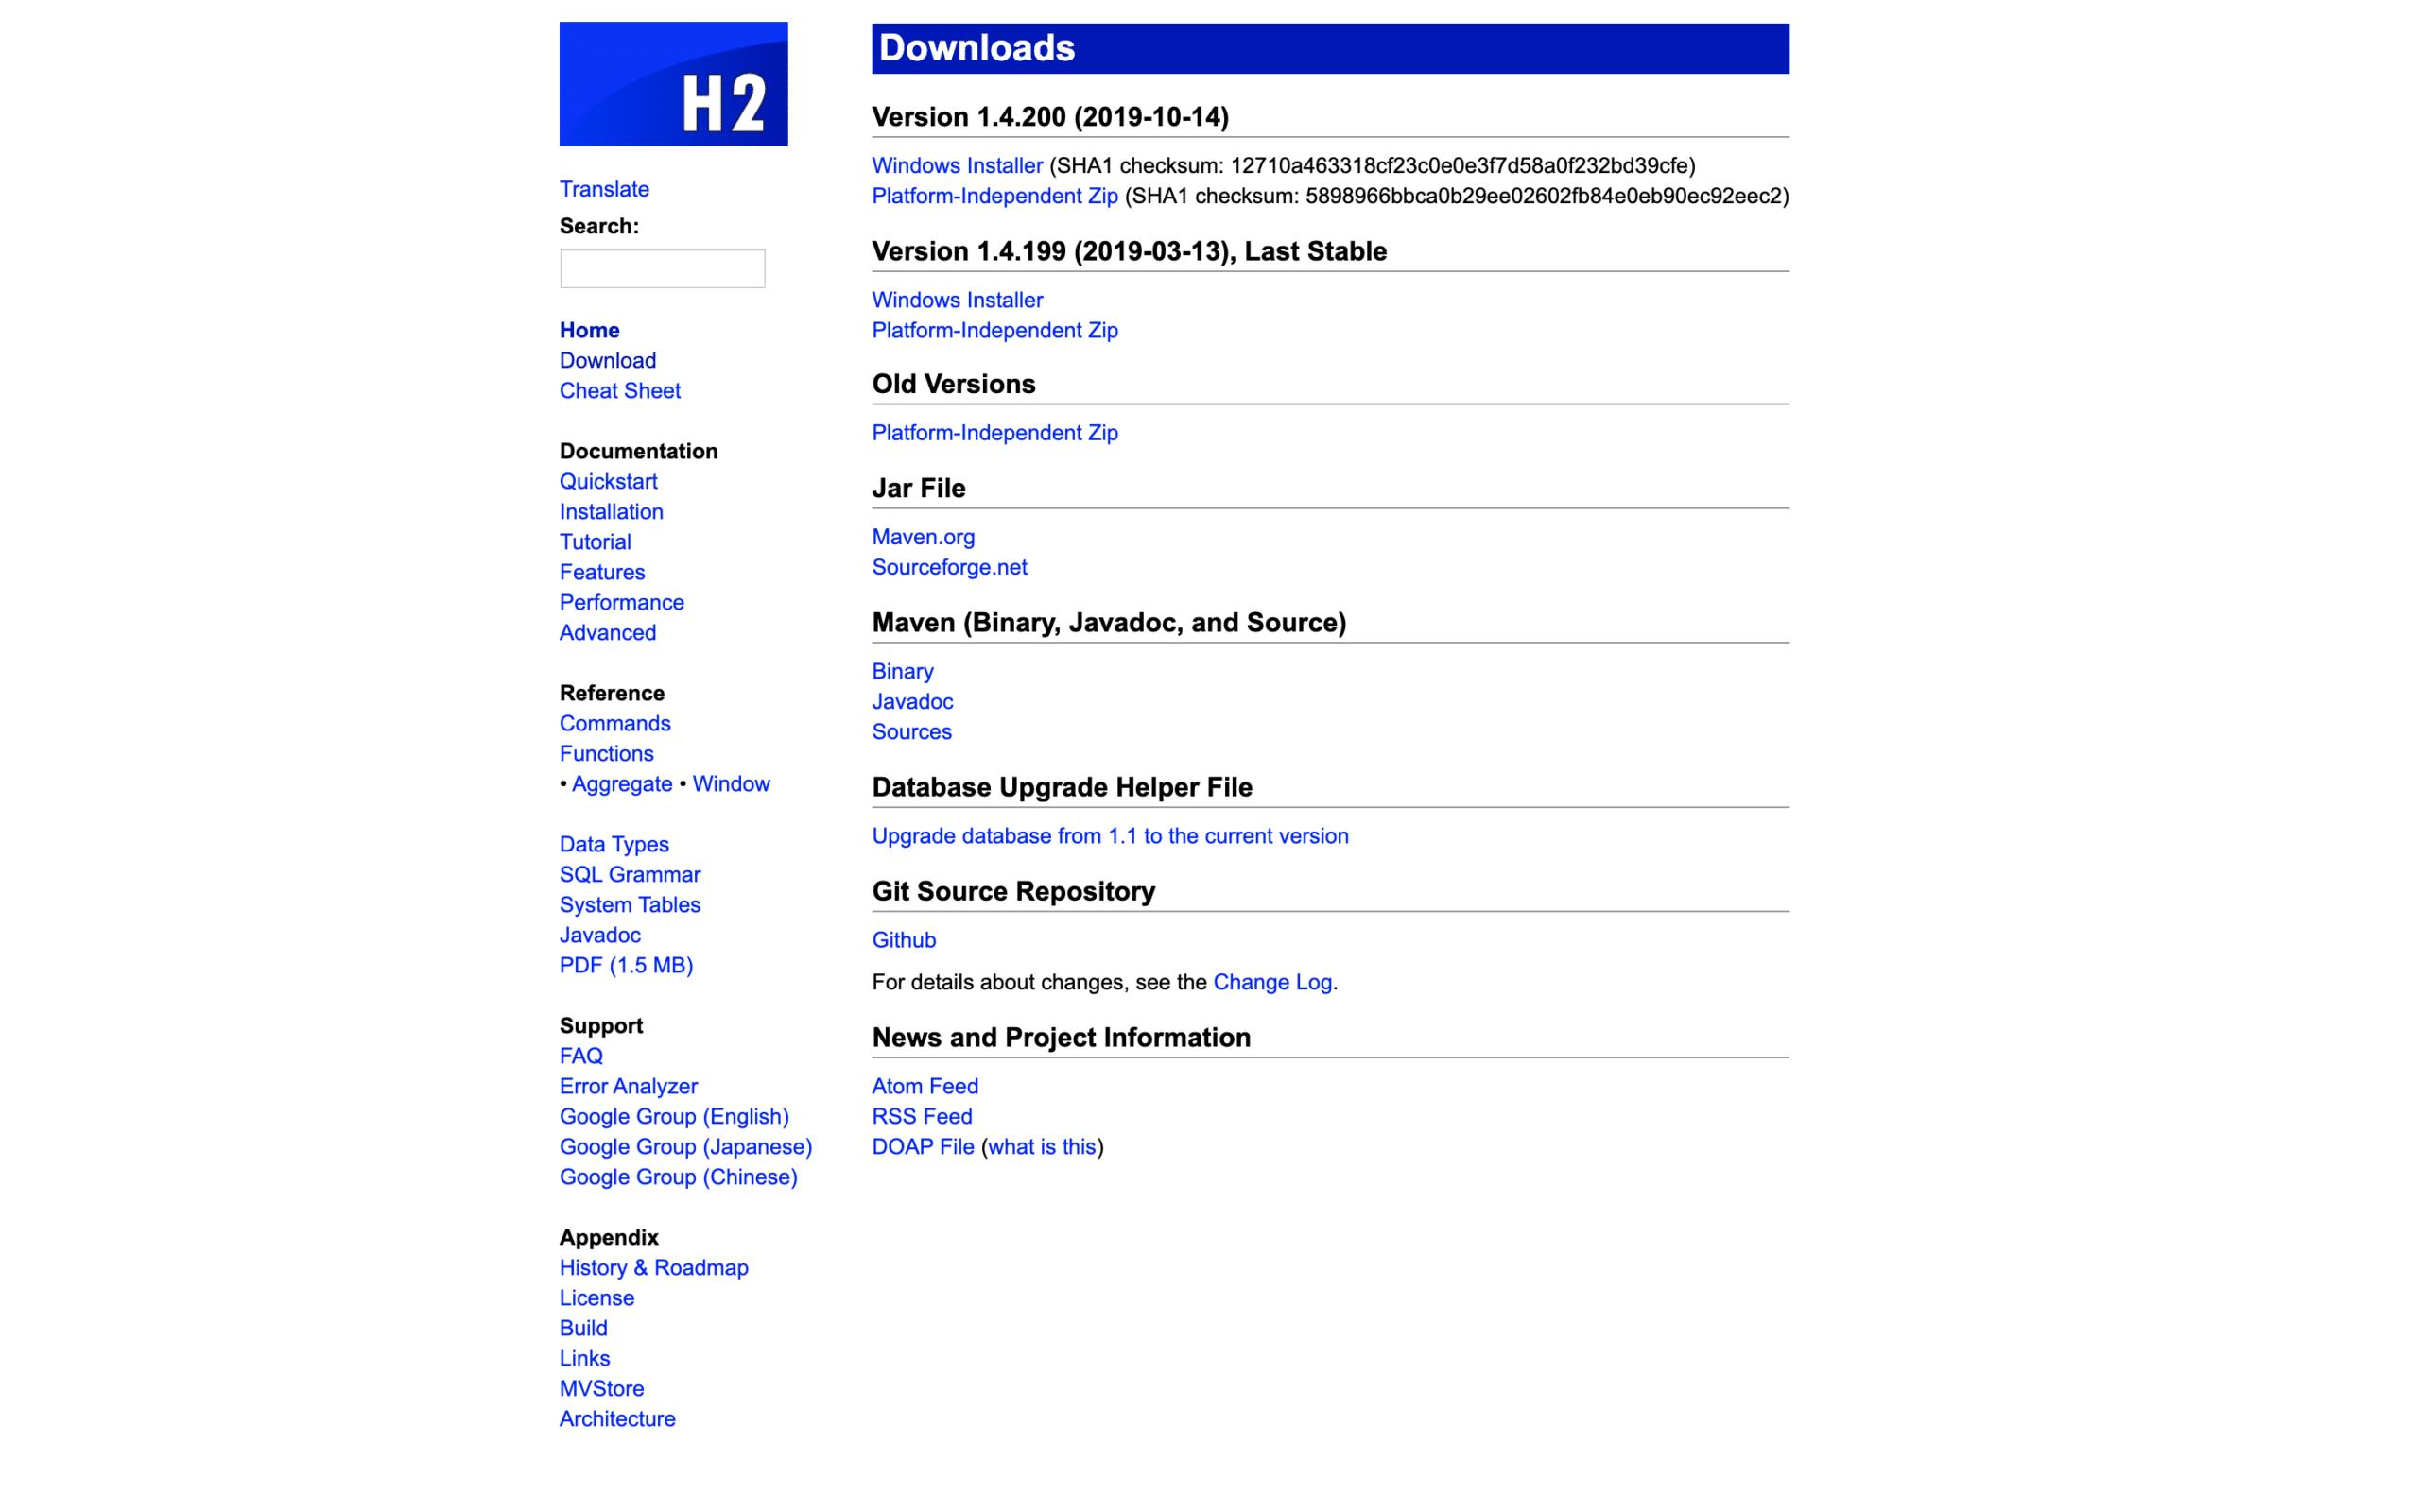 H2_DL